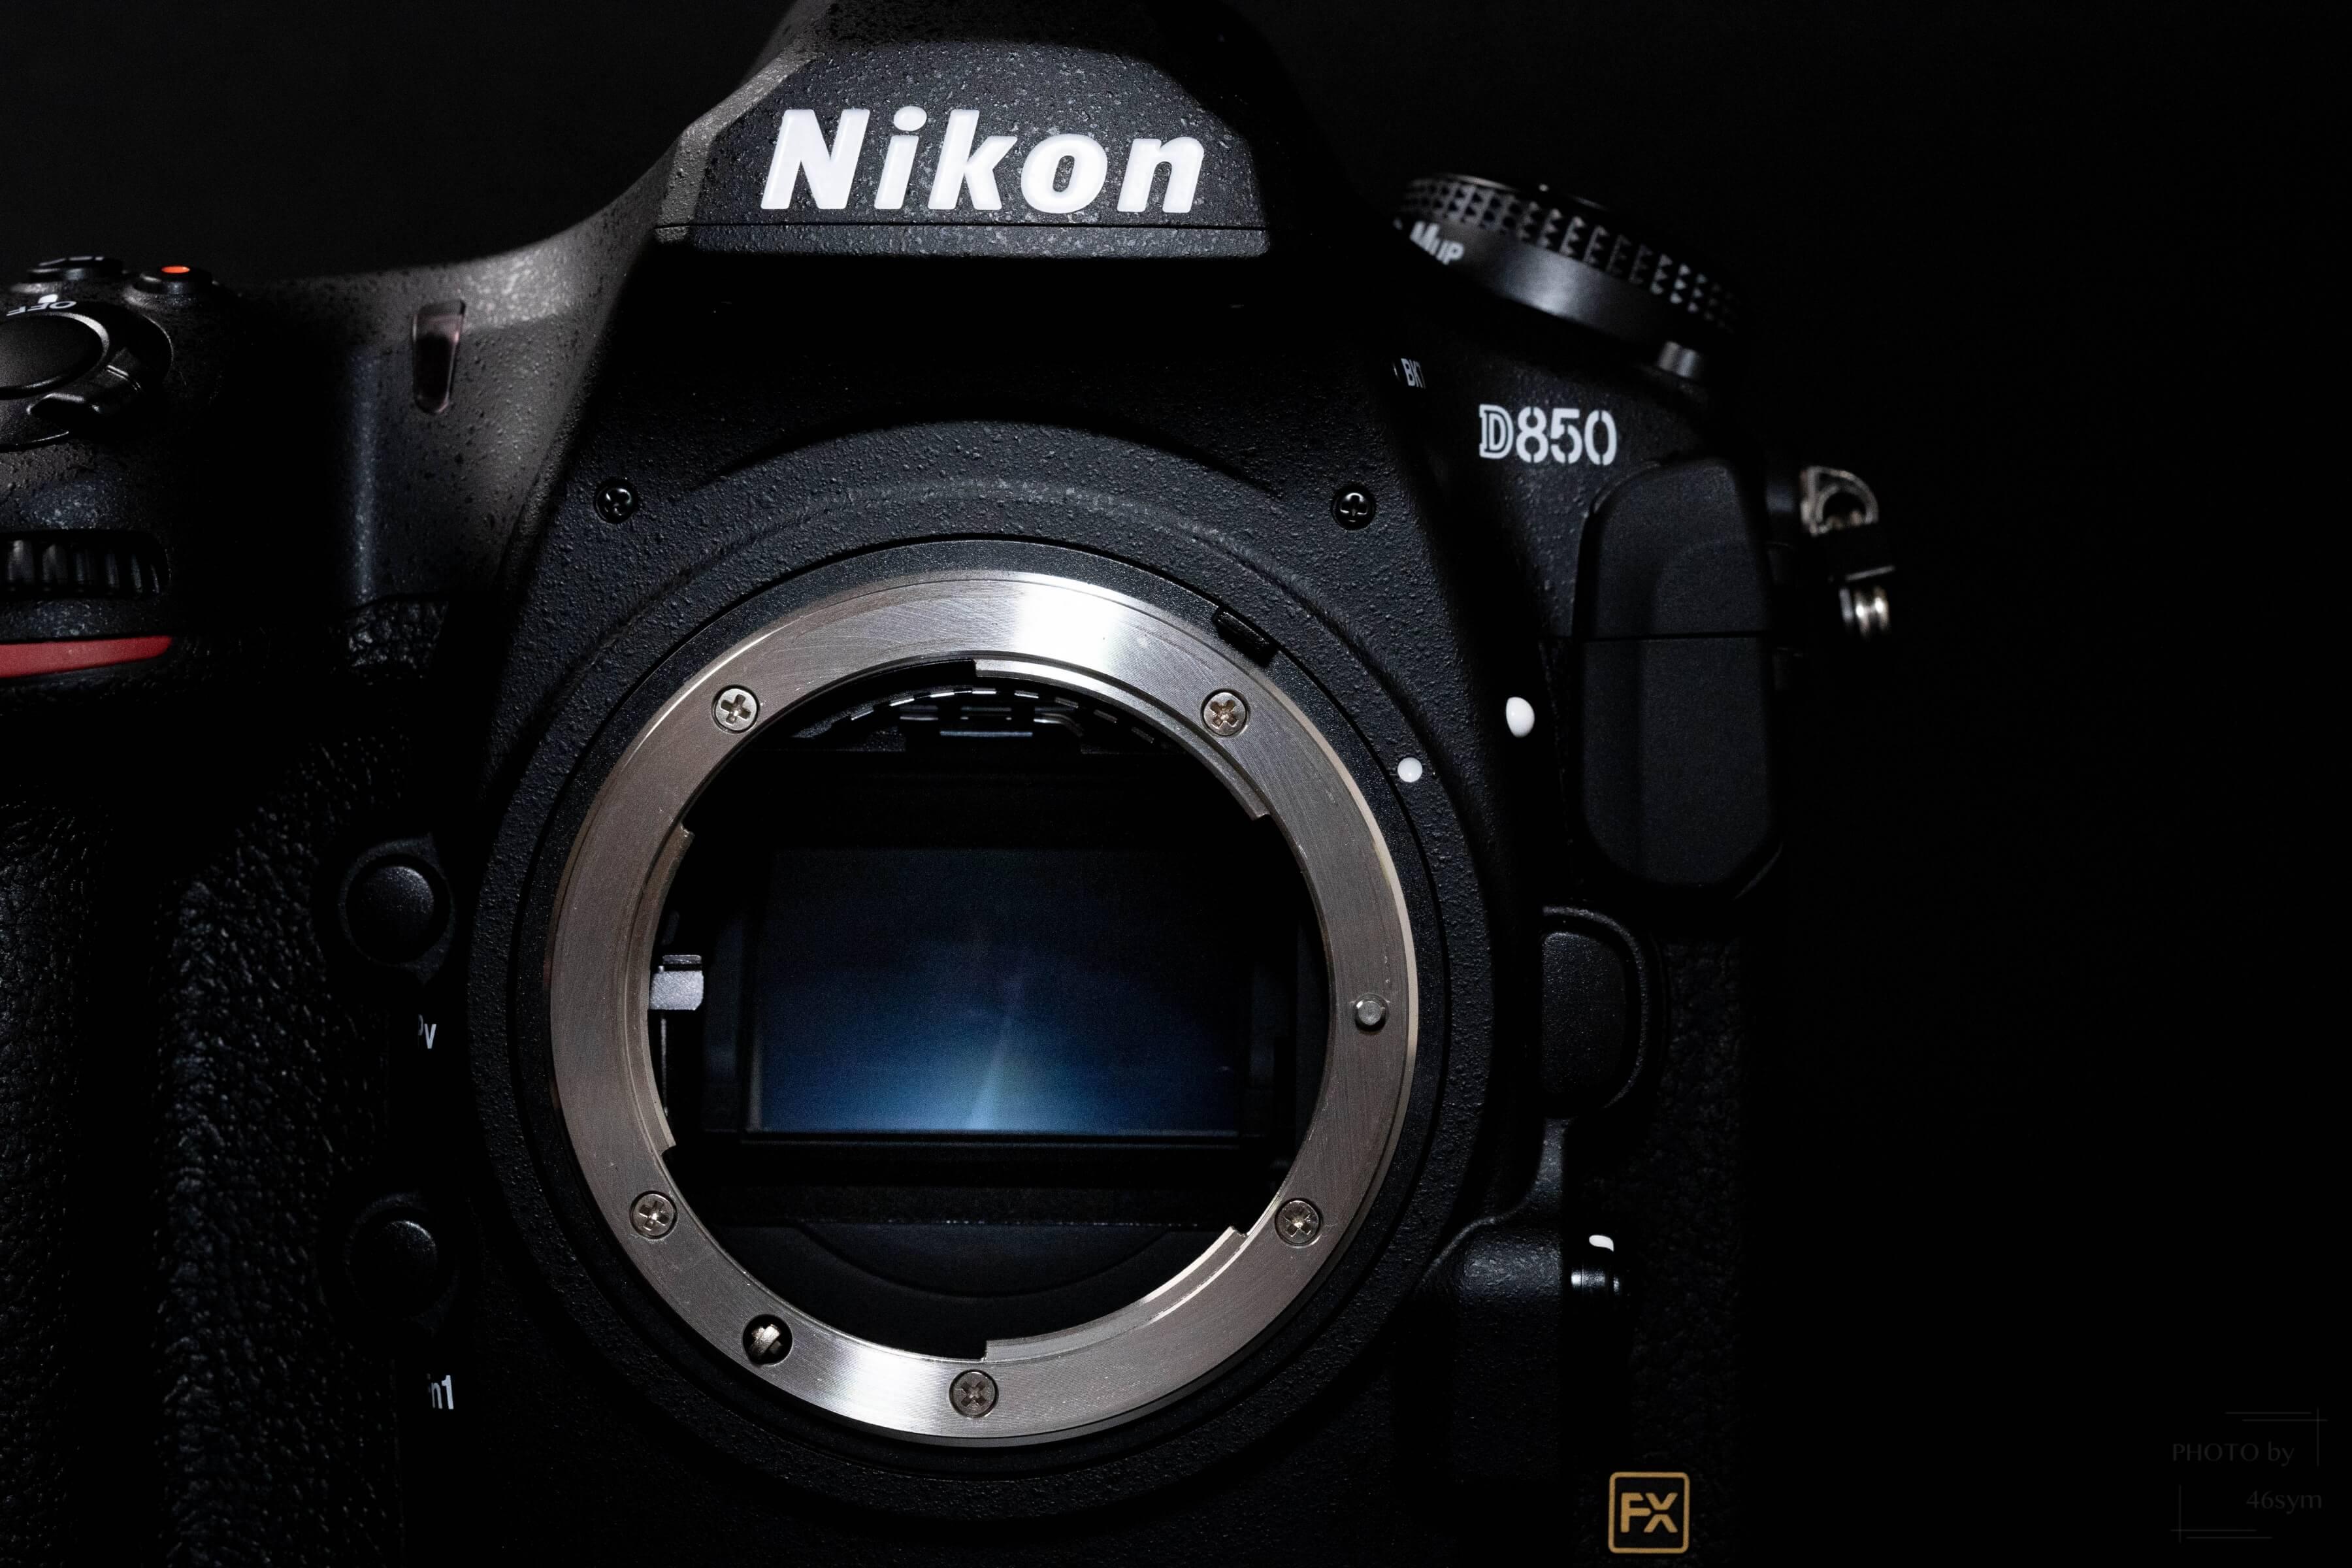 【作例写真】Nikon D850 レビュー。ニコン100周年のフルサイズ一眼レフはやっぱり最強だった!